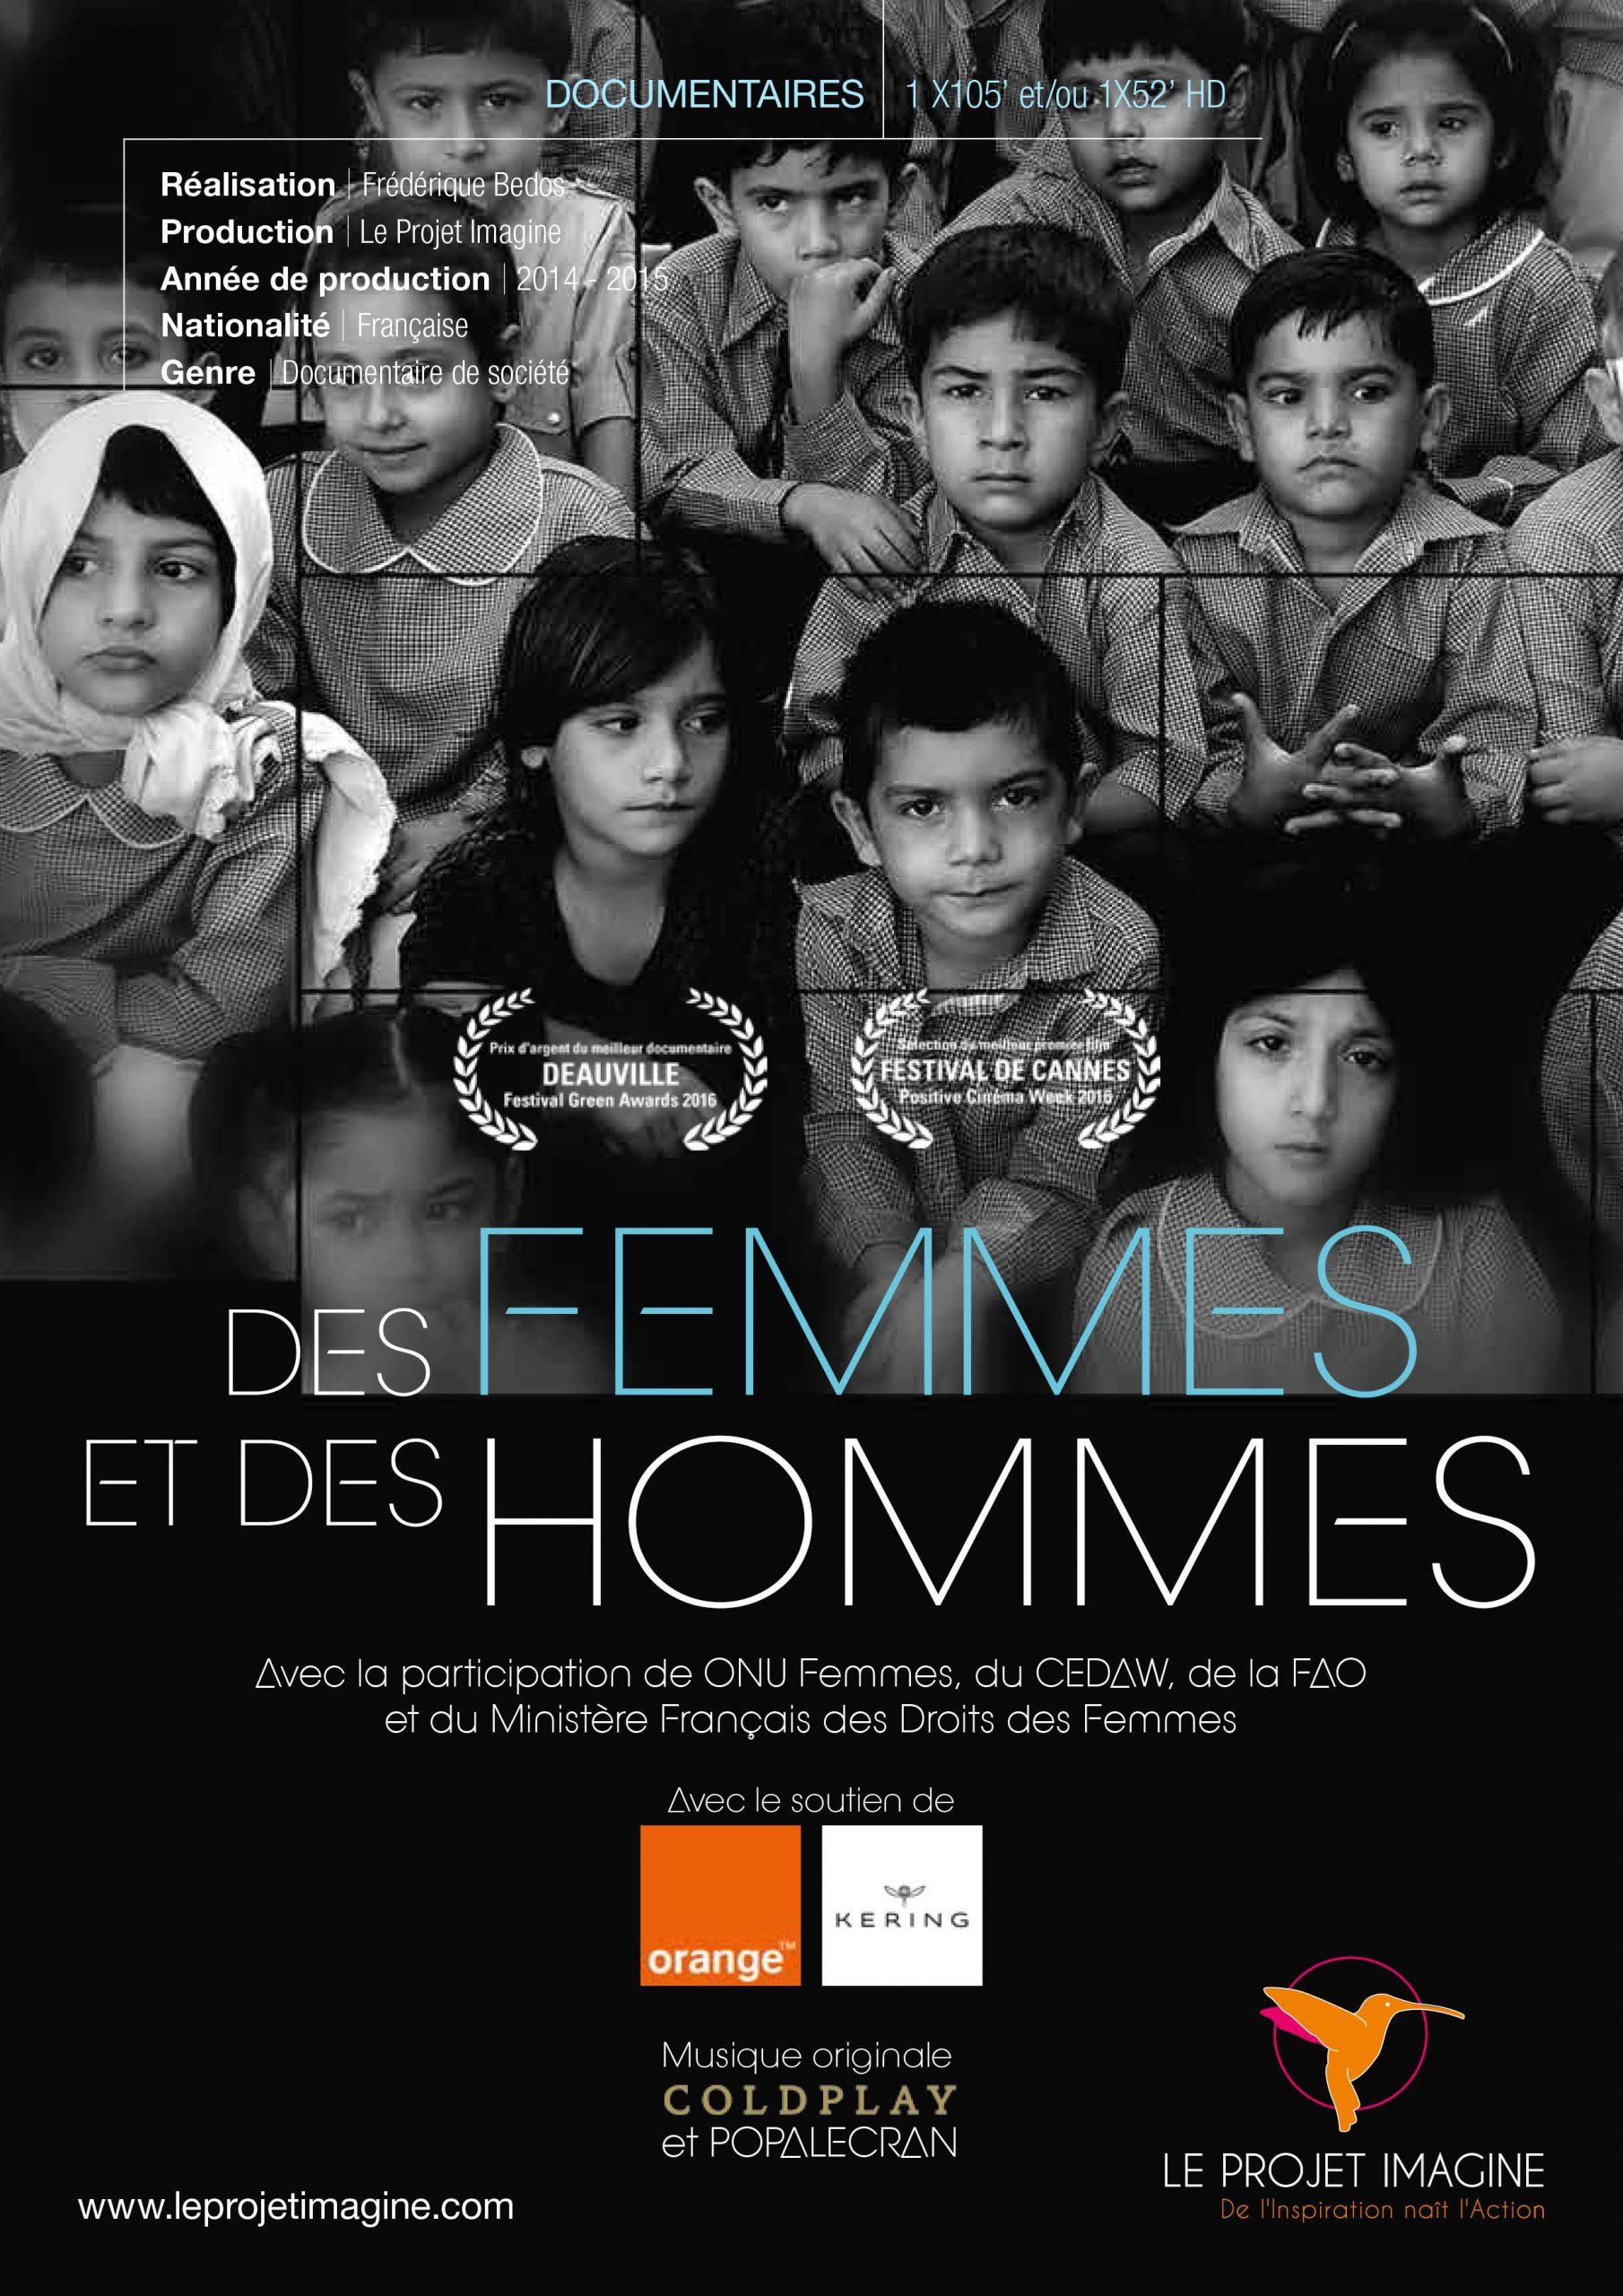 Regardez «DES FEMMES ET DES HOMMES» pour la Journée des femmes